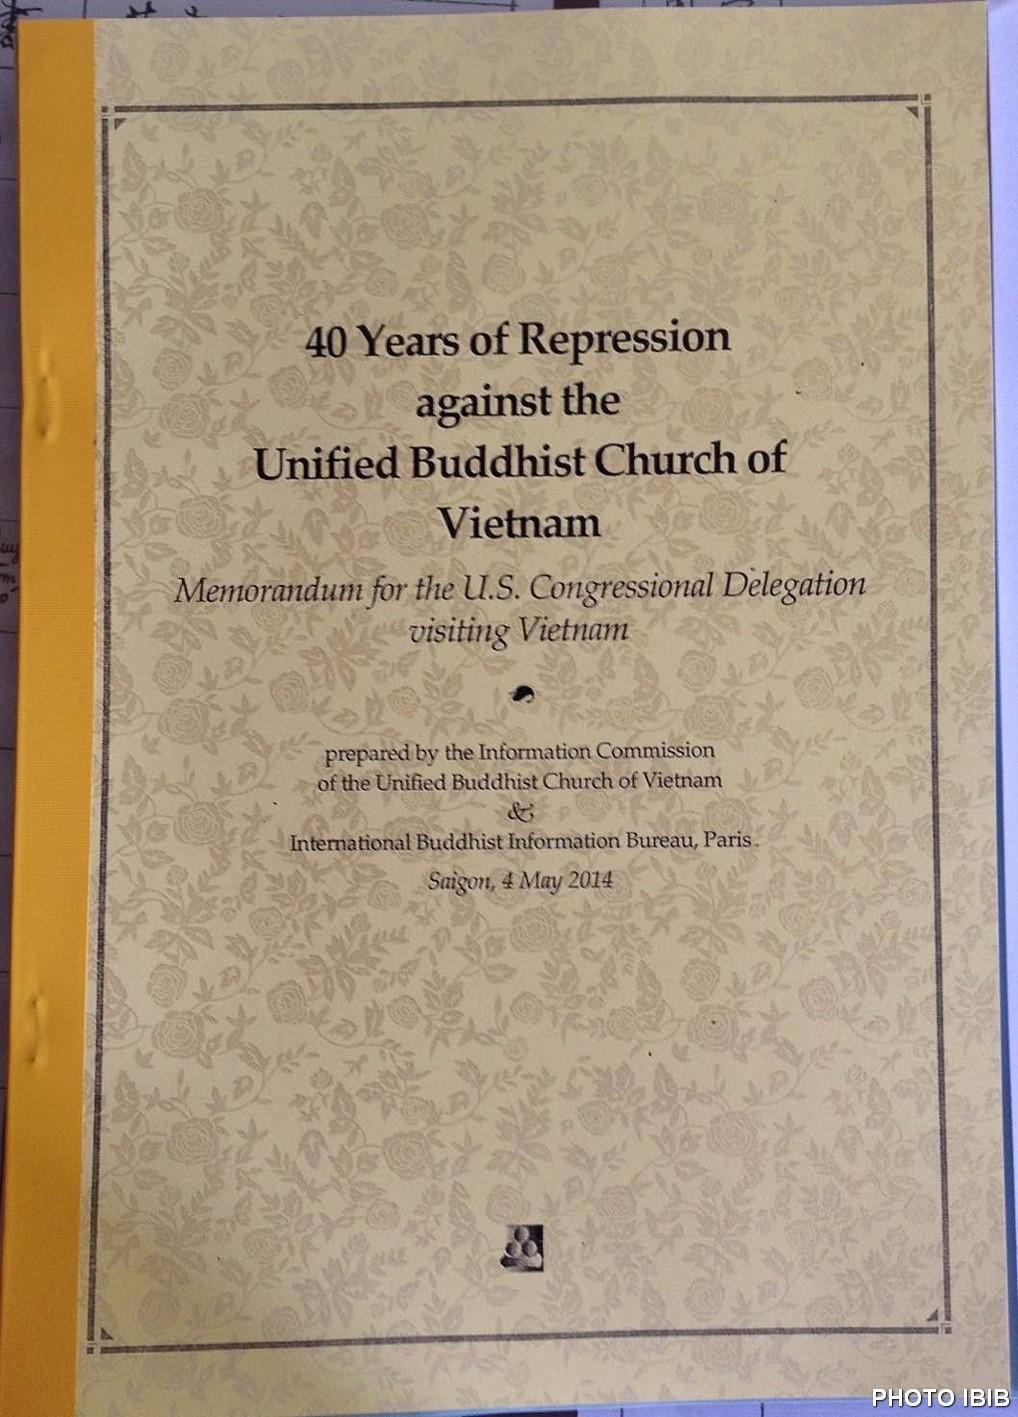 Hồ sơ « 40 Năm Đàn áp Giáo hội Phật giáo Việt Nam Thống nhất » Đức Tăng Thống trao cho Phái đoàn Quốc hội Hoa Kỳ